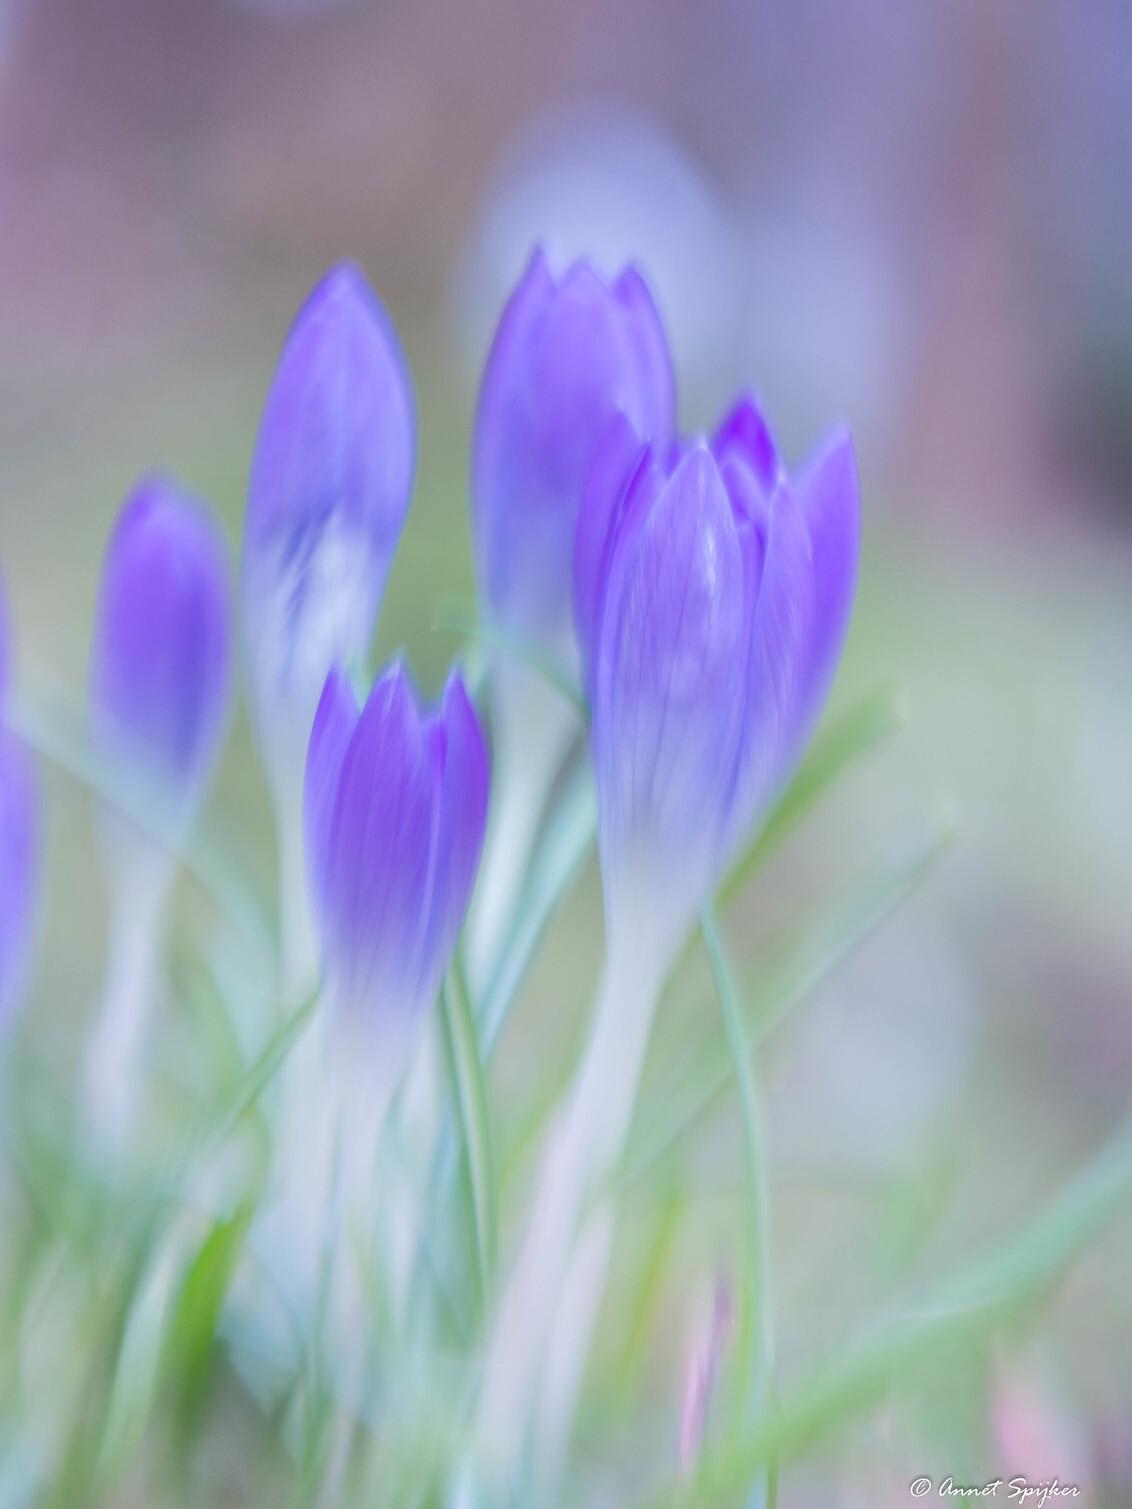 the blues - geschilderd met de camera. - foto door Annet1_zoom op 27-02-2017 - deze foto bevat: blauw, bloem, soft, krokus